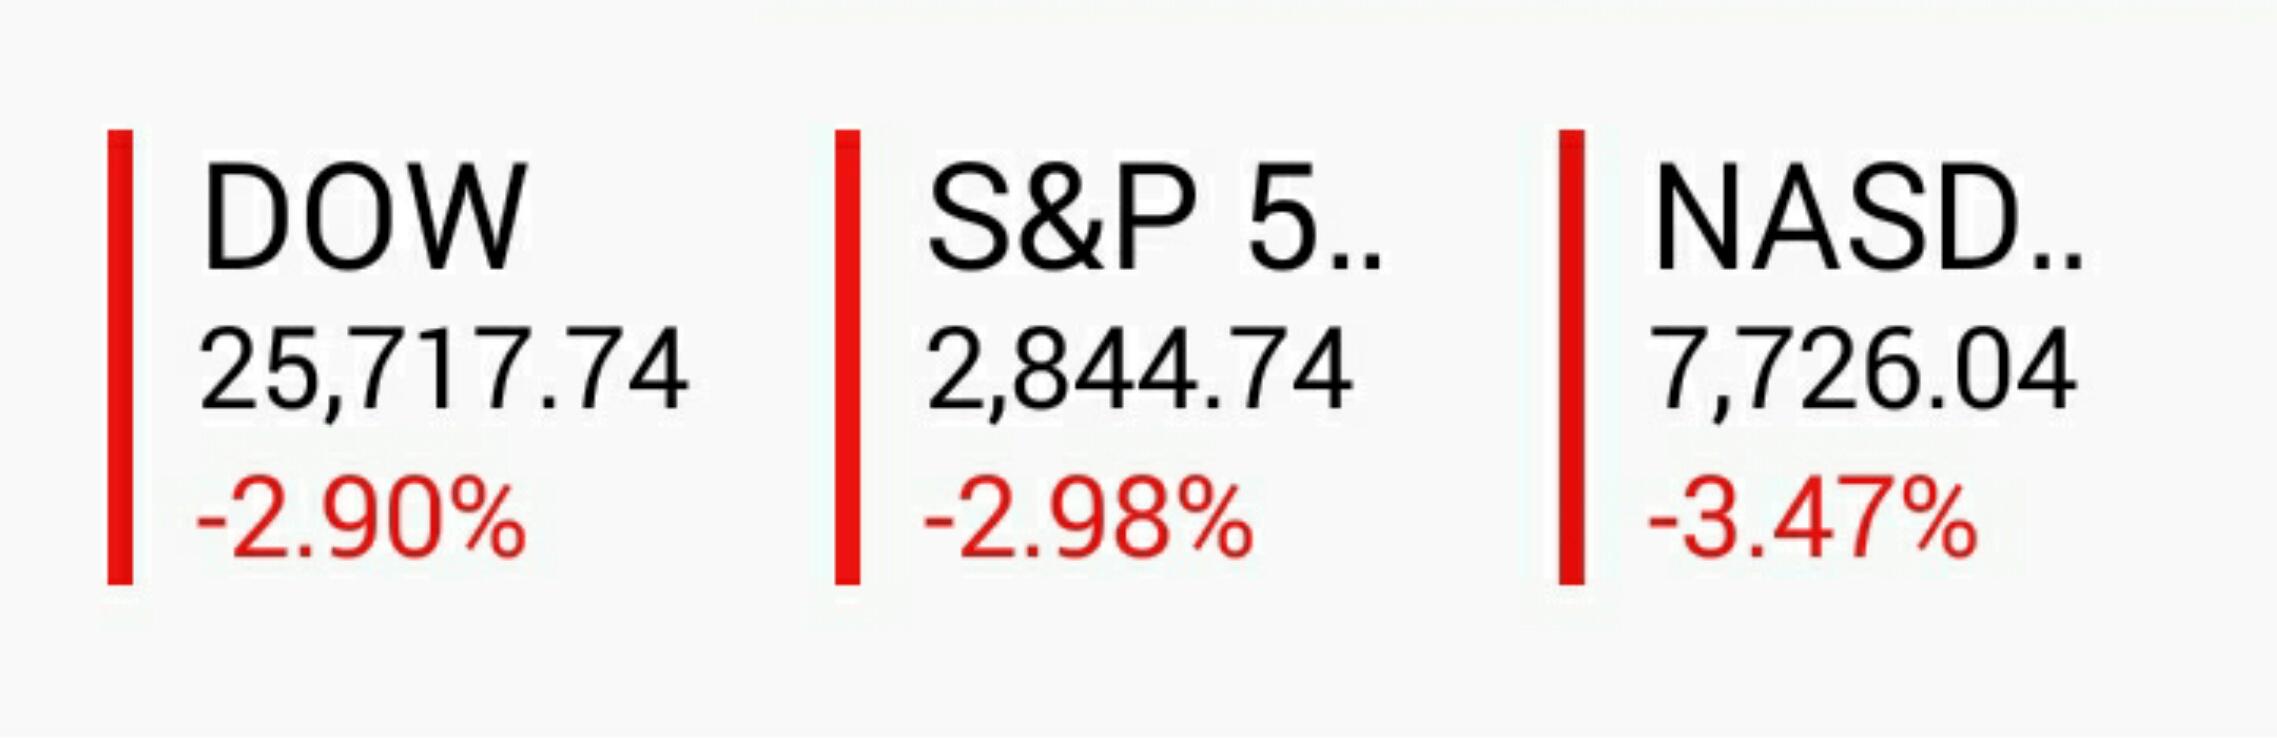 ダウ、S&P、ナスダック